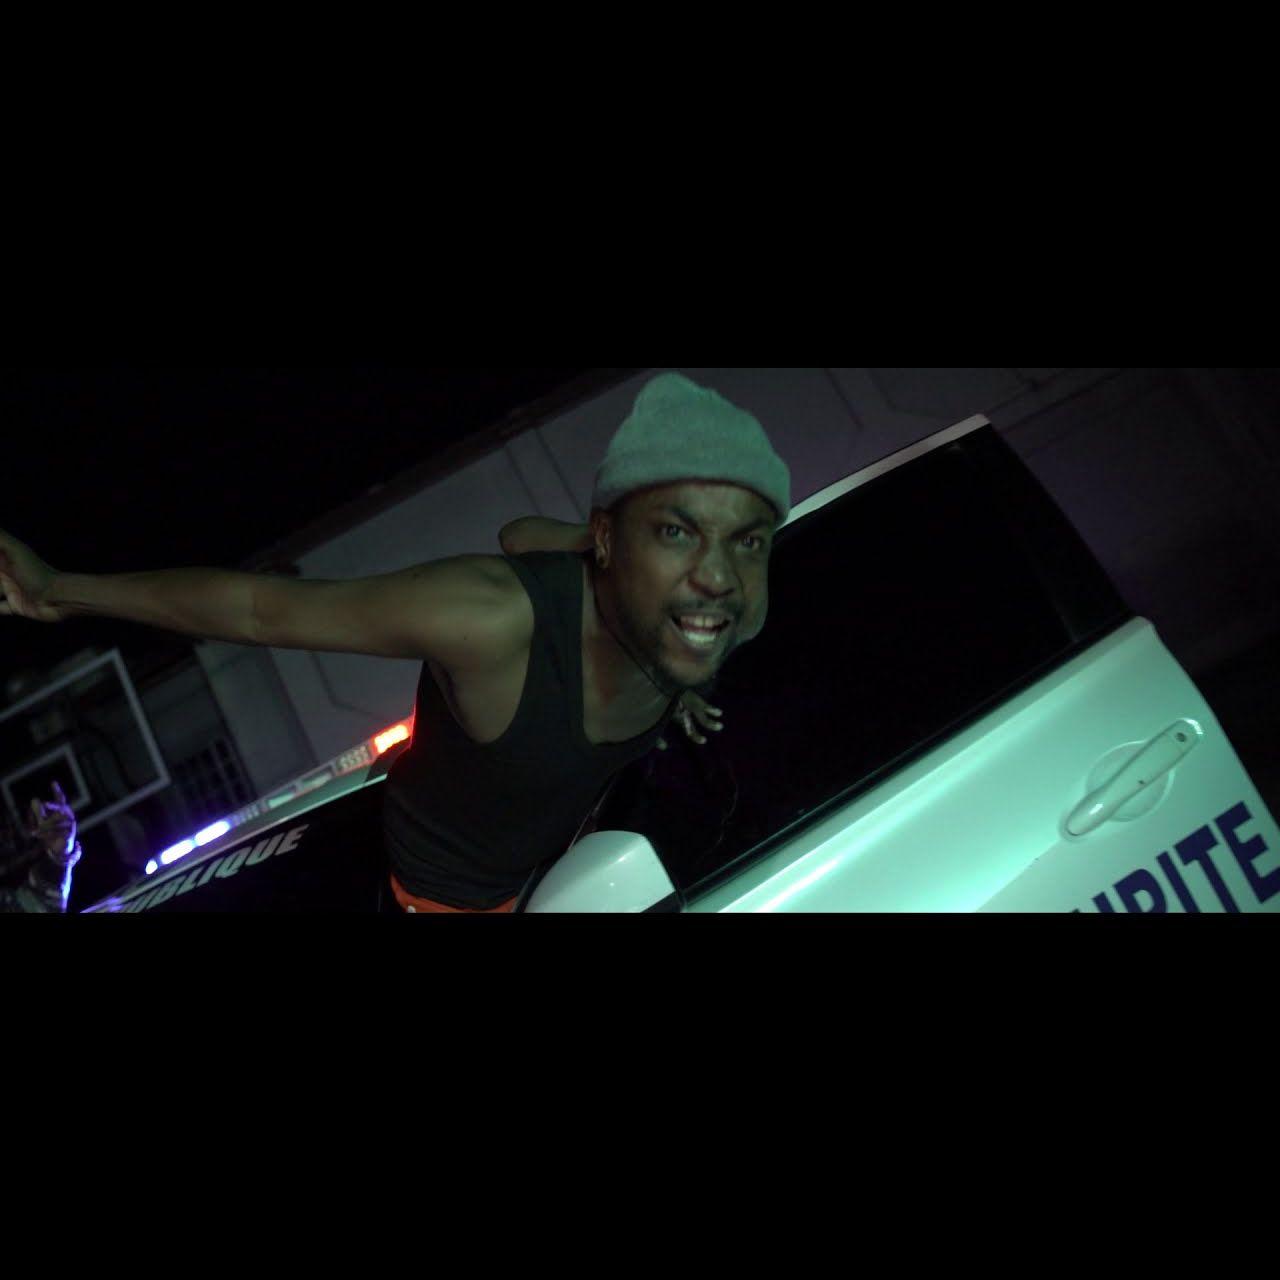 Ak100fos - Koulé (ft. Steves J. Bryan, Baky and Kolonel Freez) (Thumbnail)